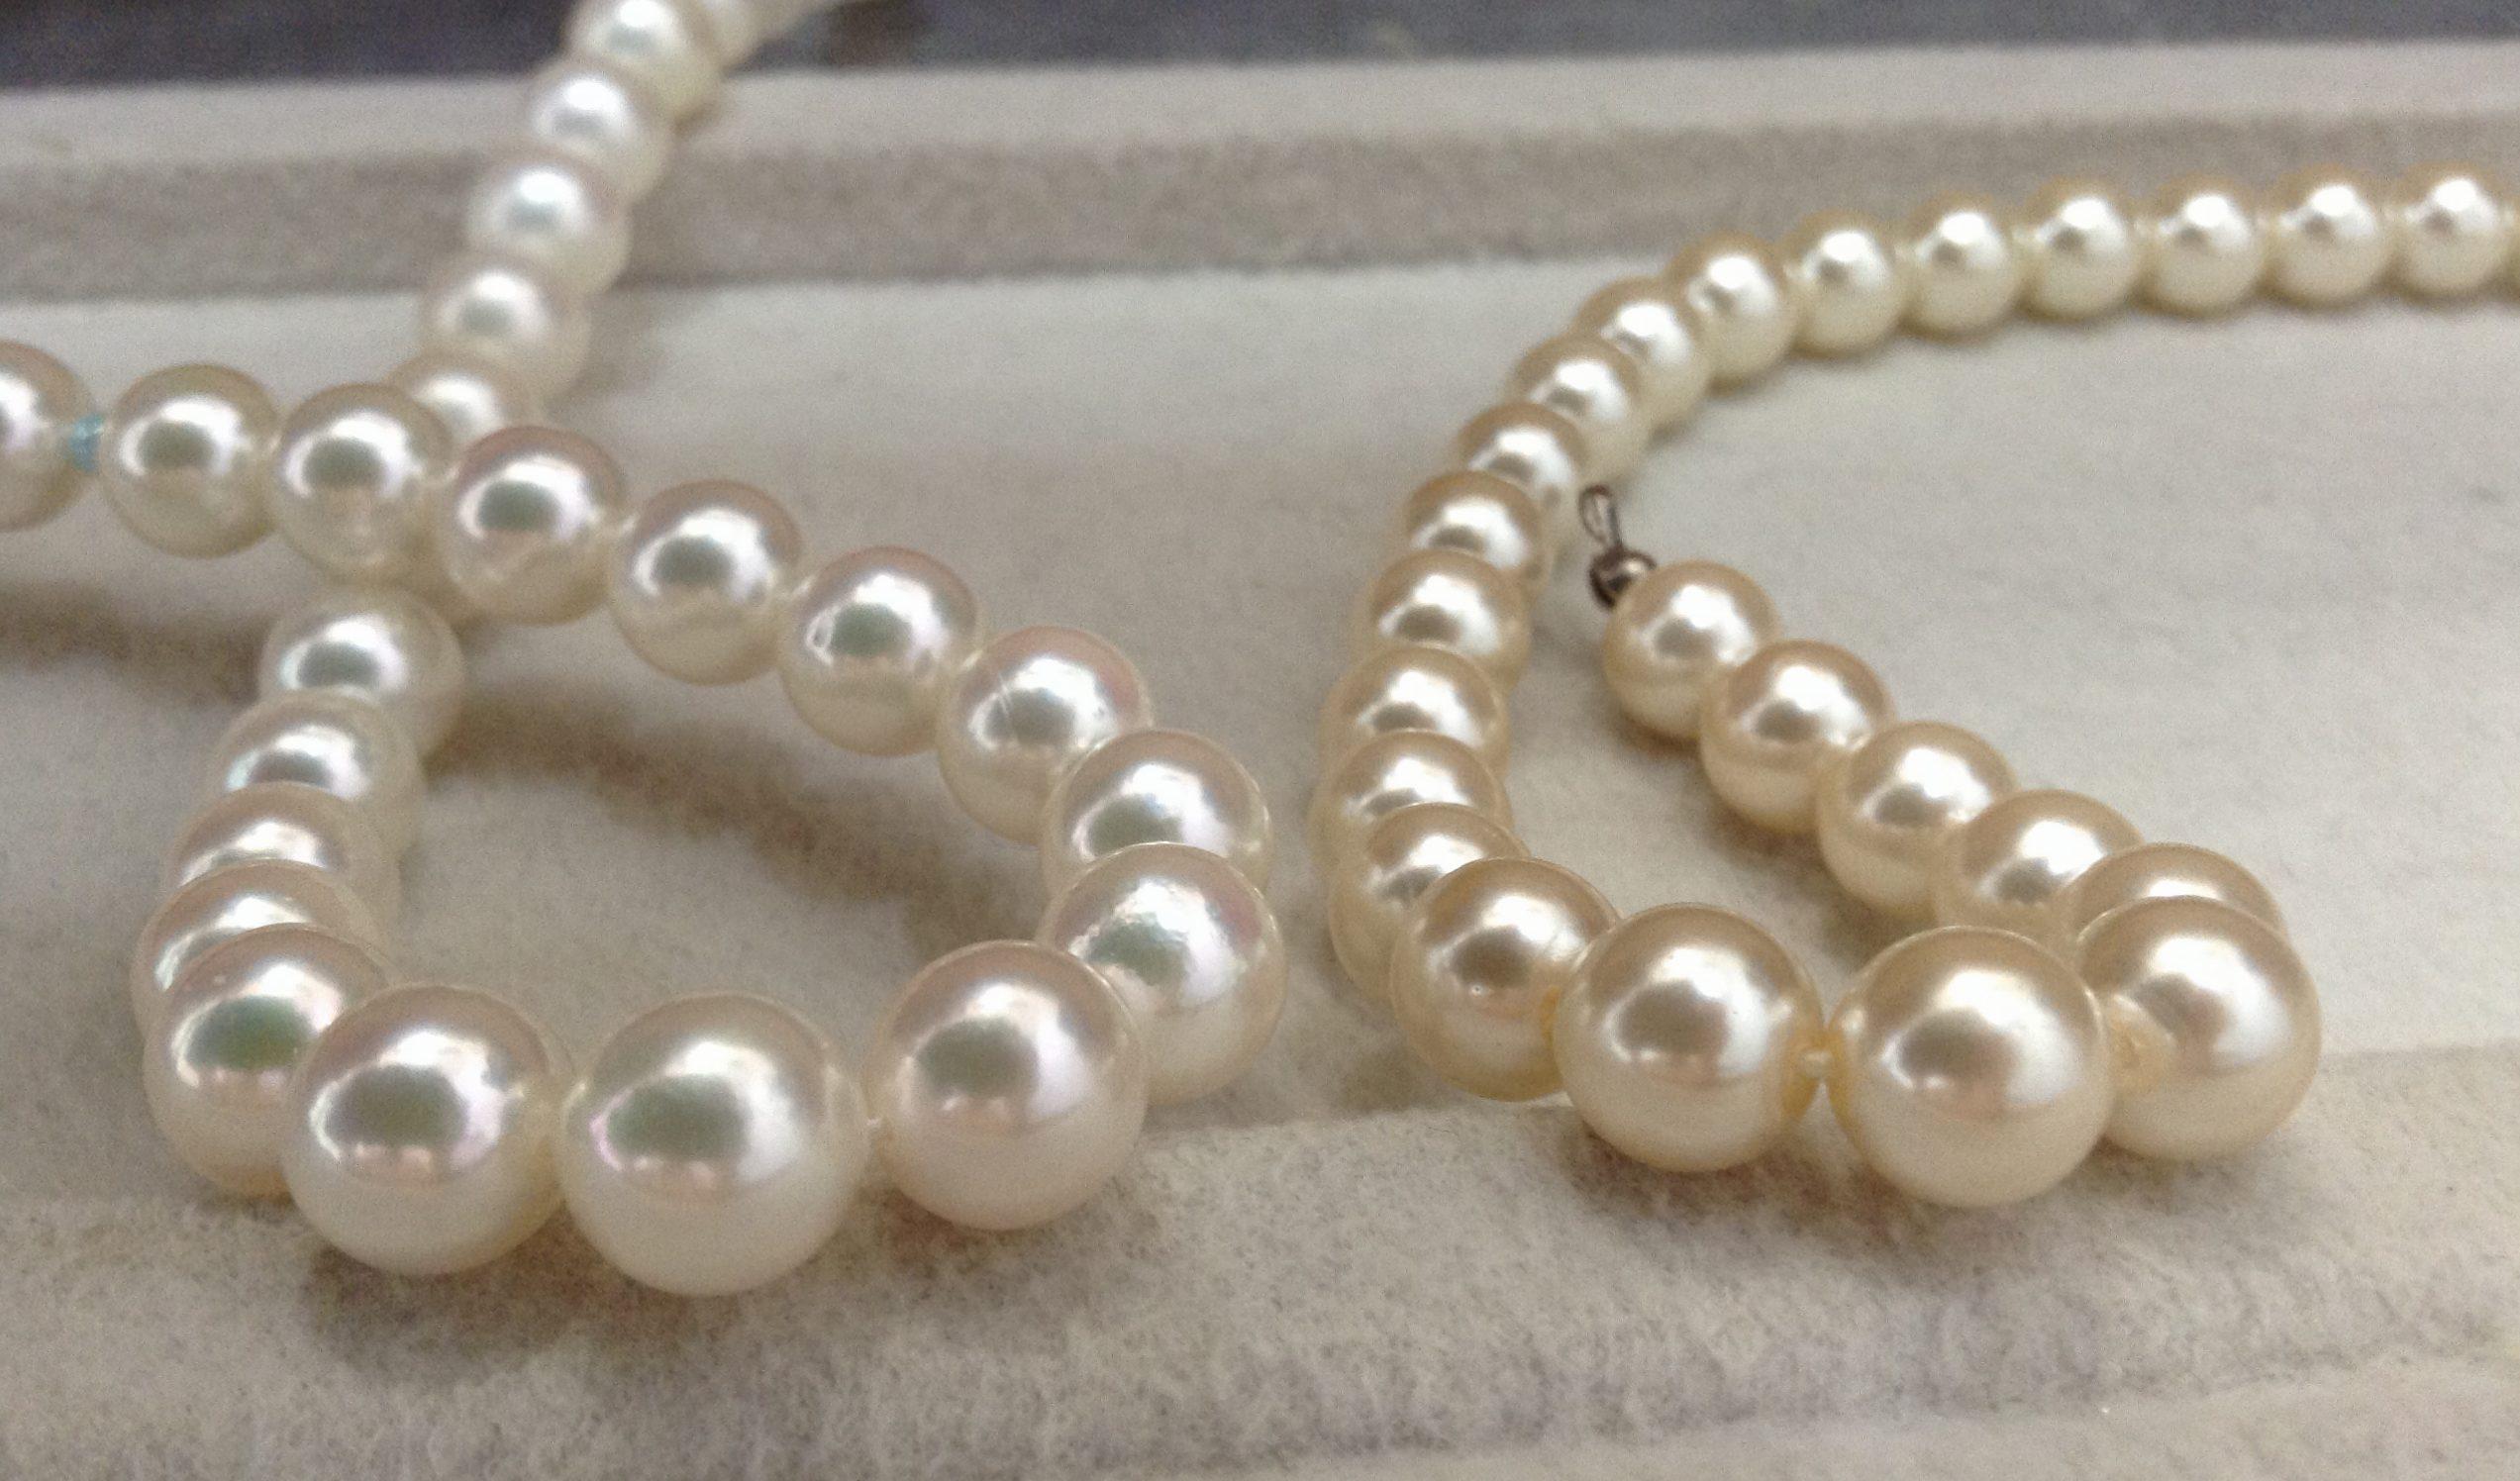 3つのポイントで見る!本真珠と模造真珠の見分け方